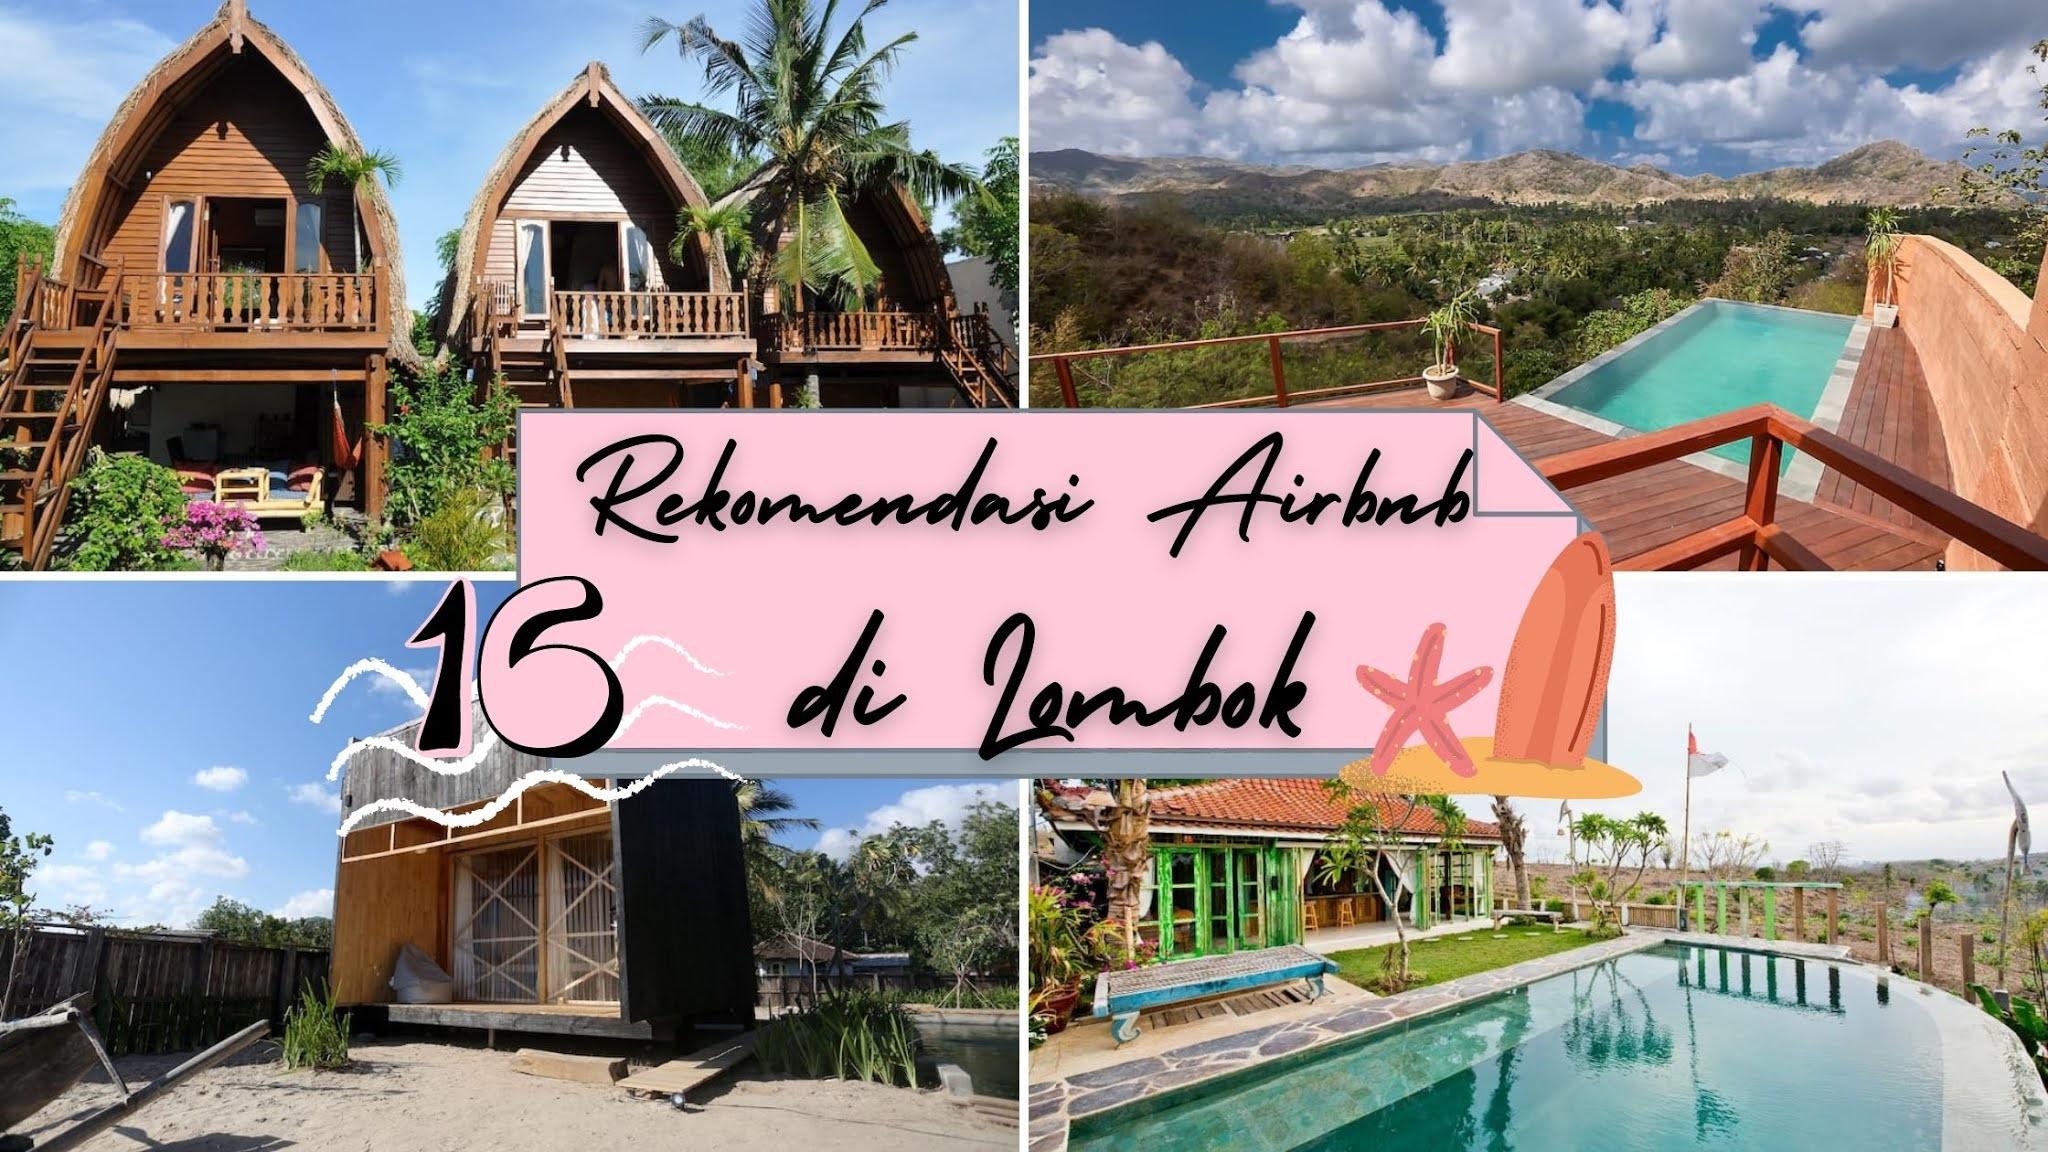 rekomendasi instagramable airbnb di lombok